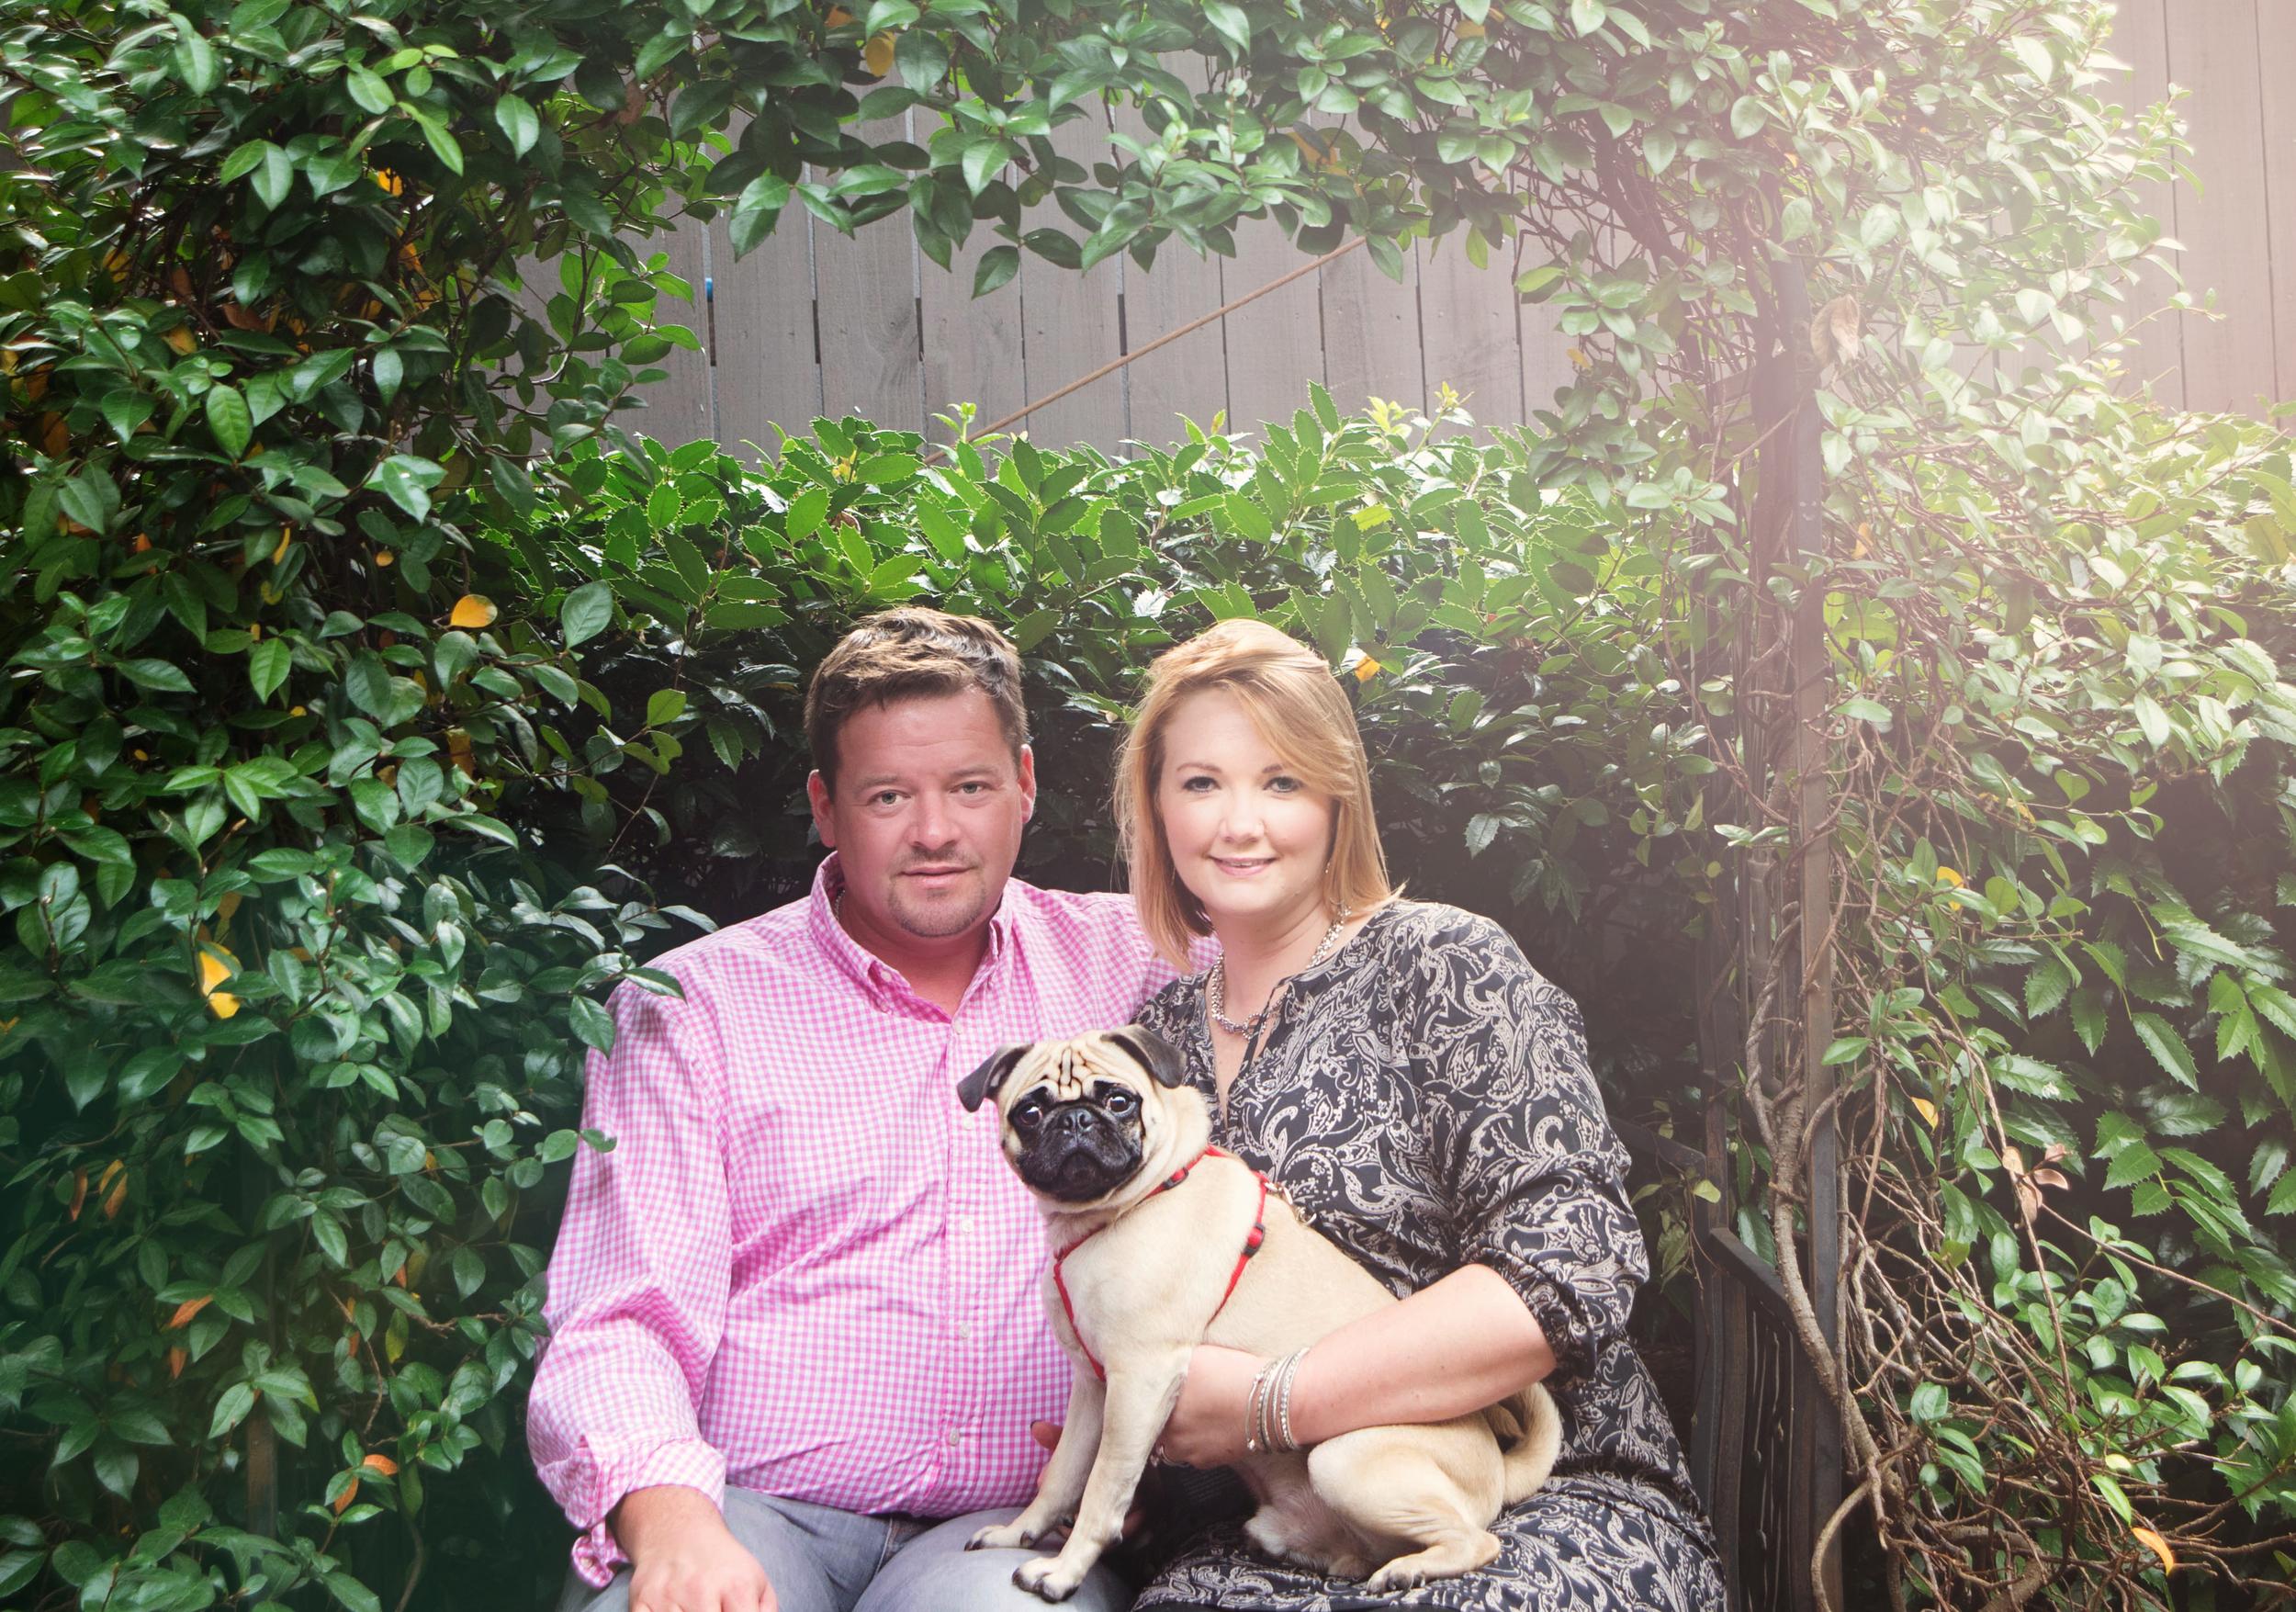 Candice & Scott Eubanks, Thomasville GA ©Karen Kelly Studios 2015